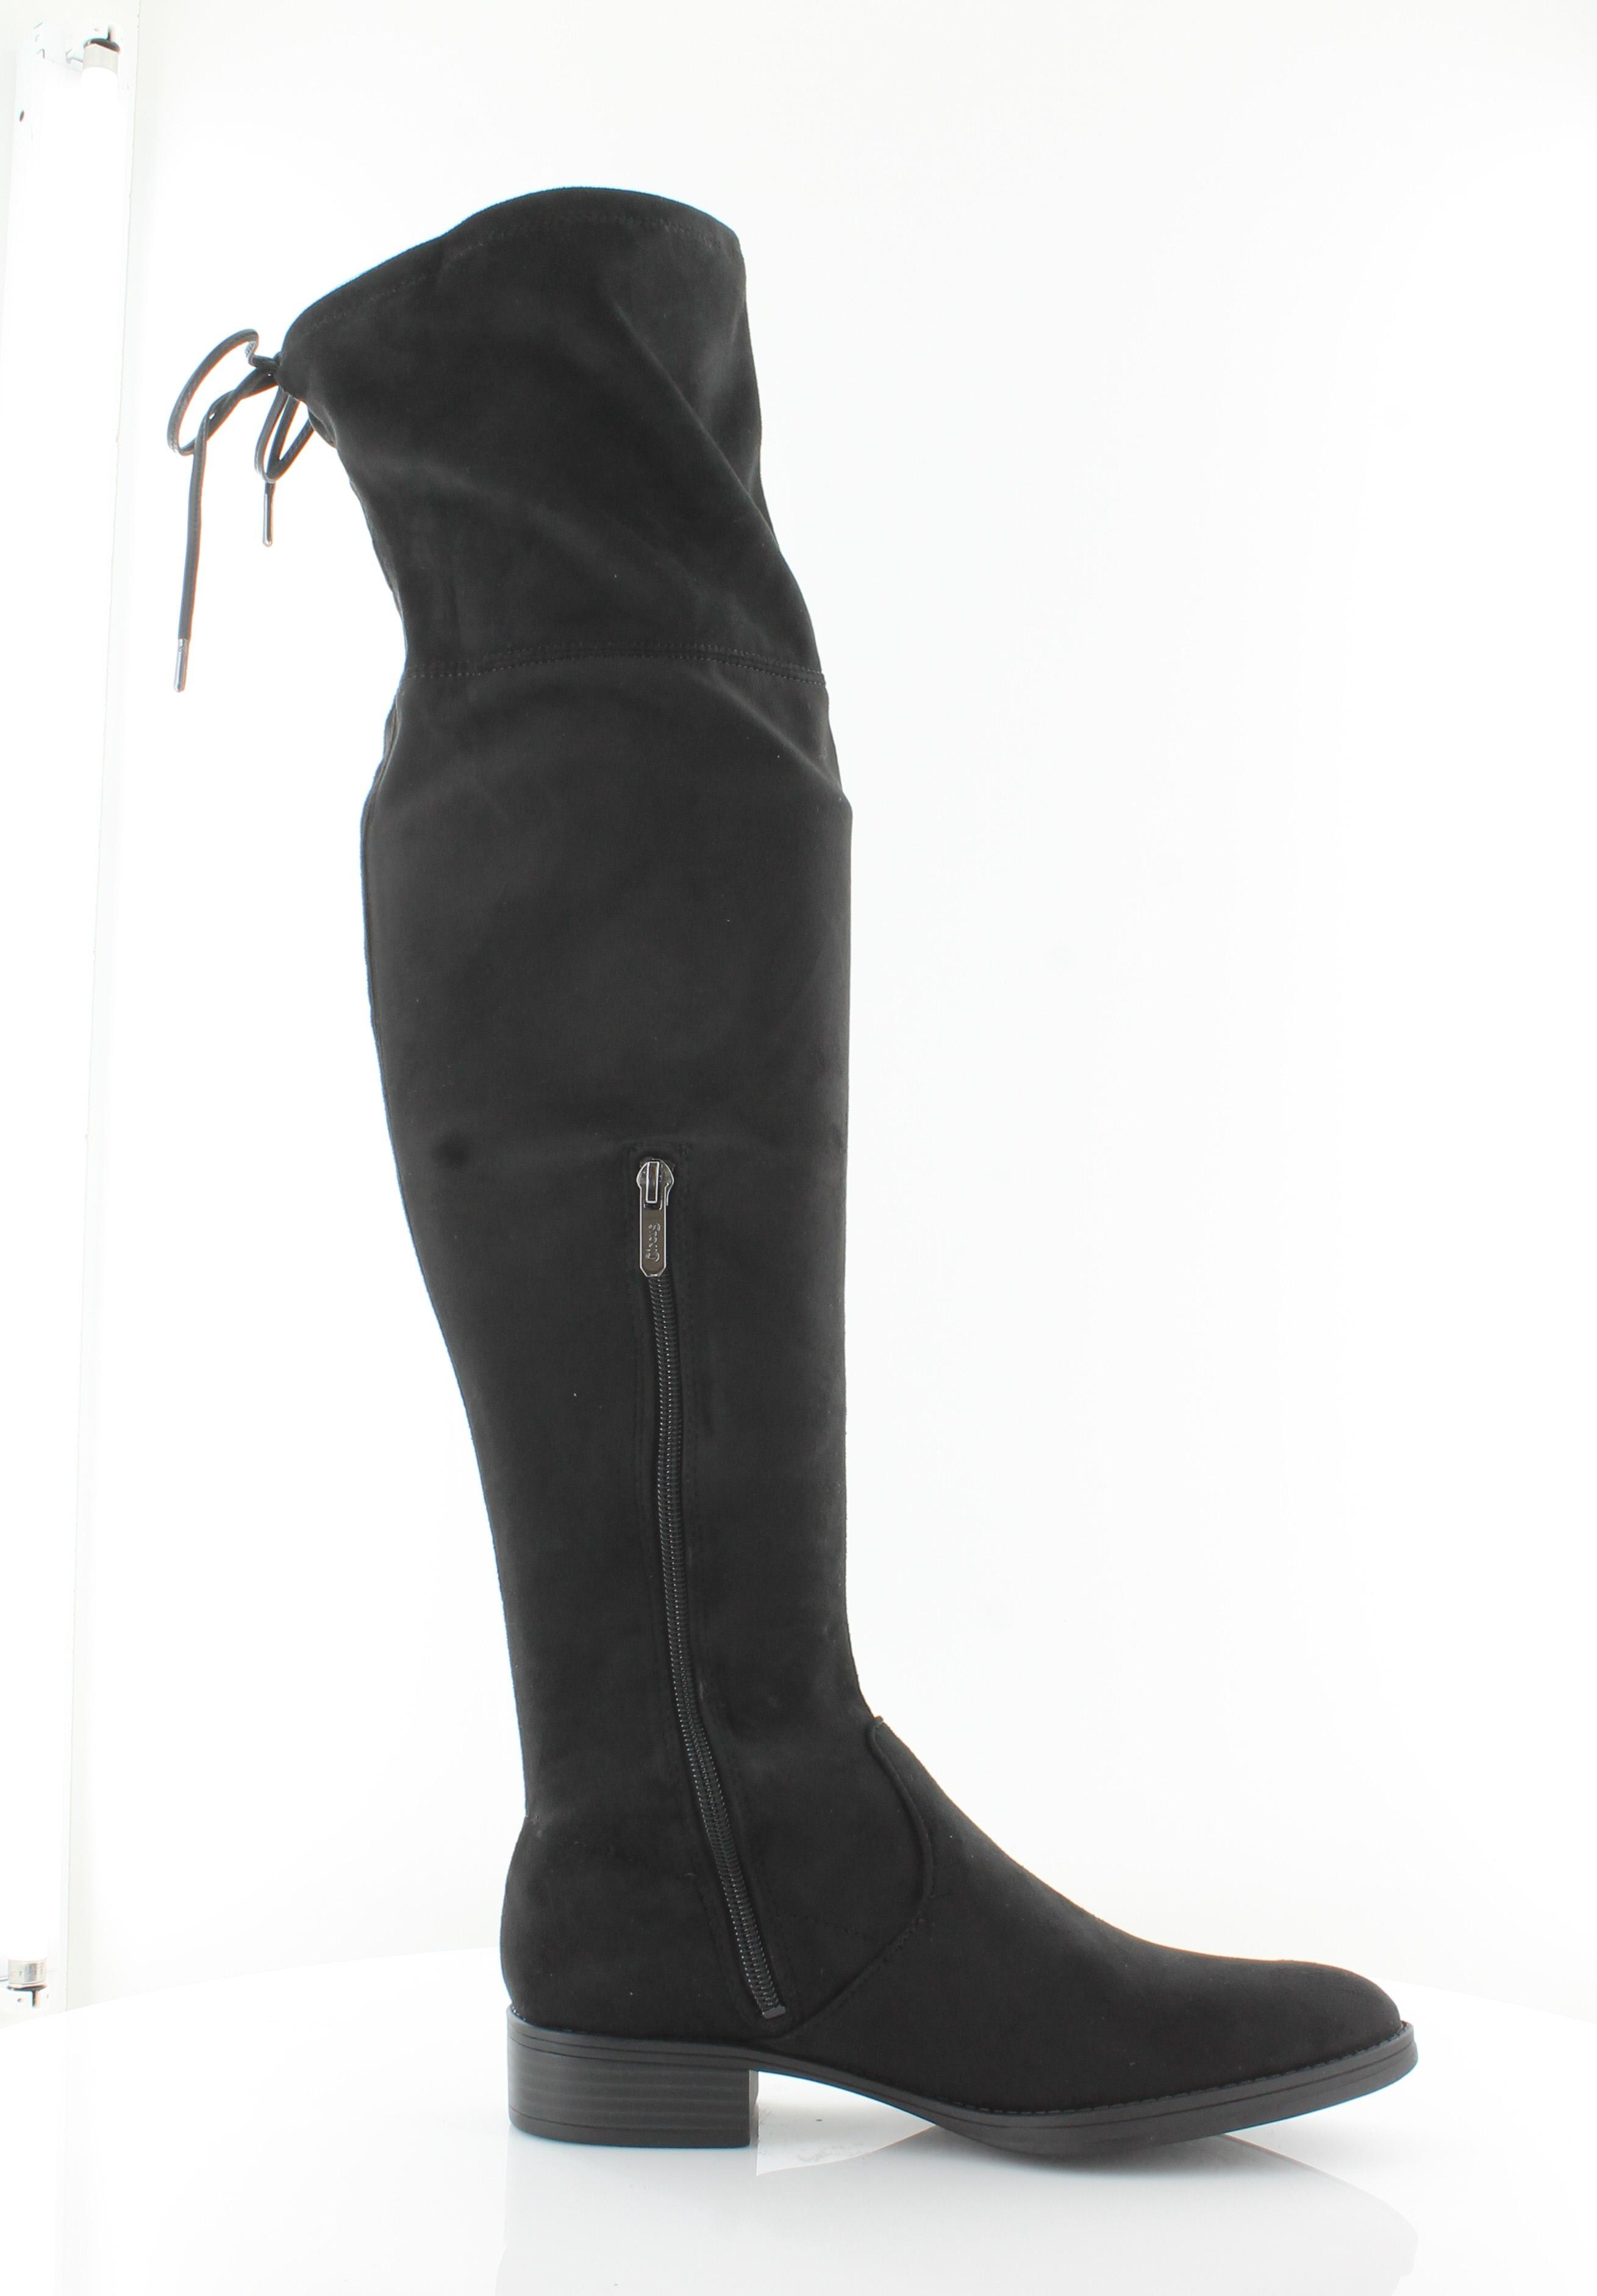 Circus by Sam Edelman Peyton Women's Boots Black Size 8.5 M